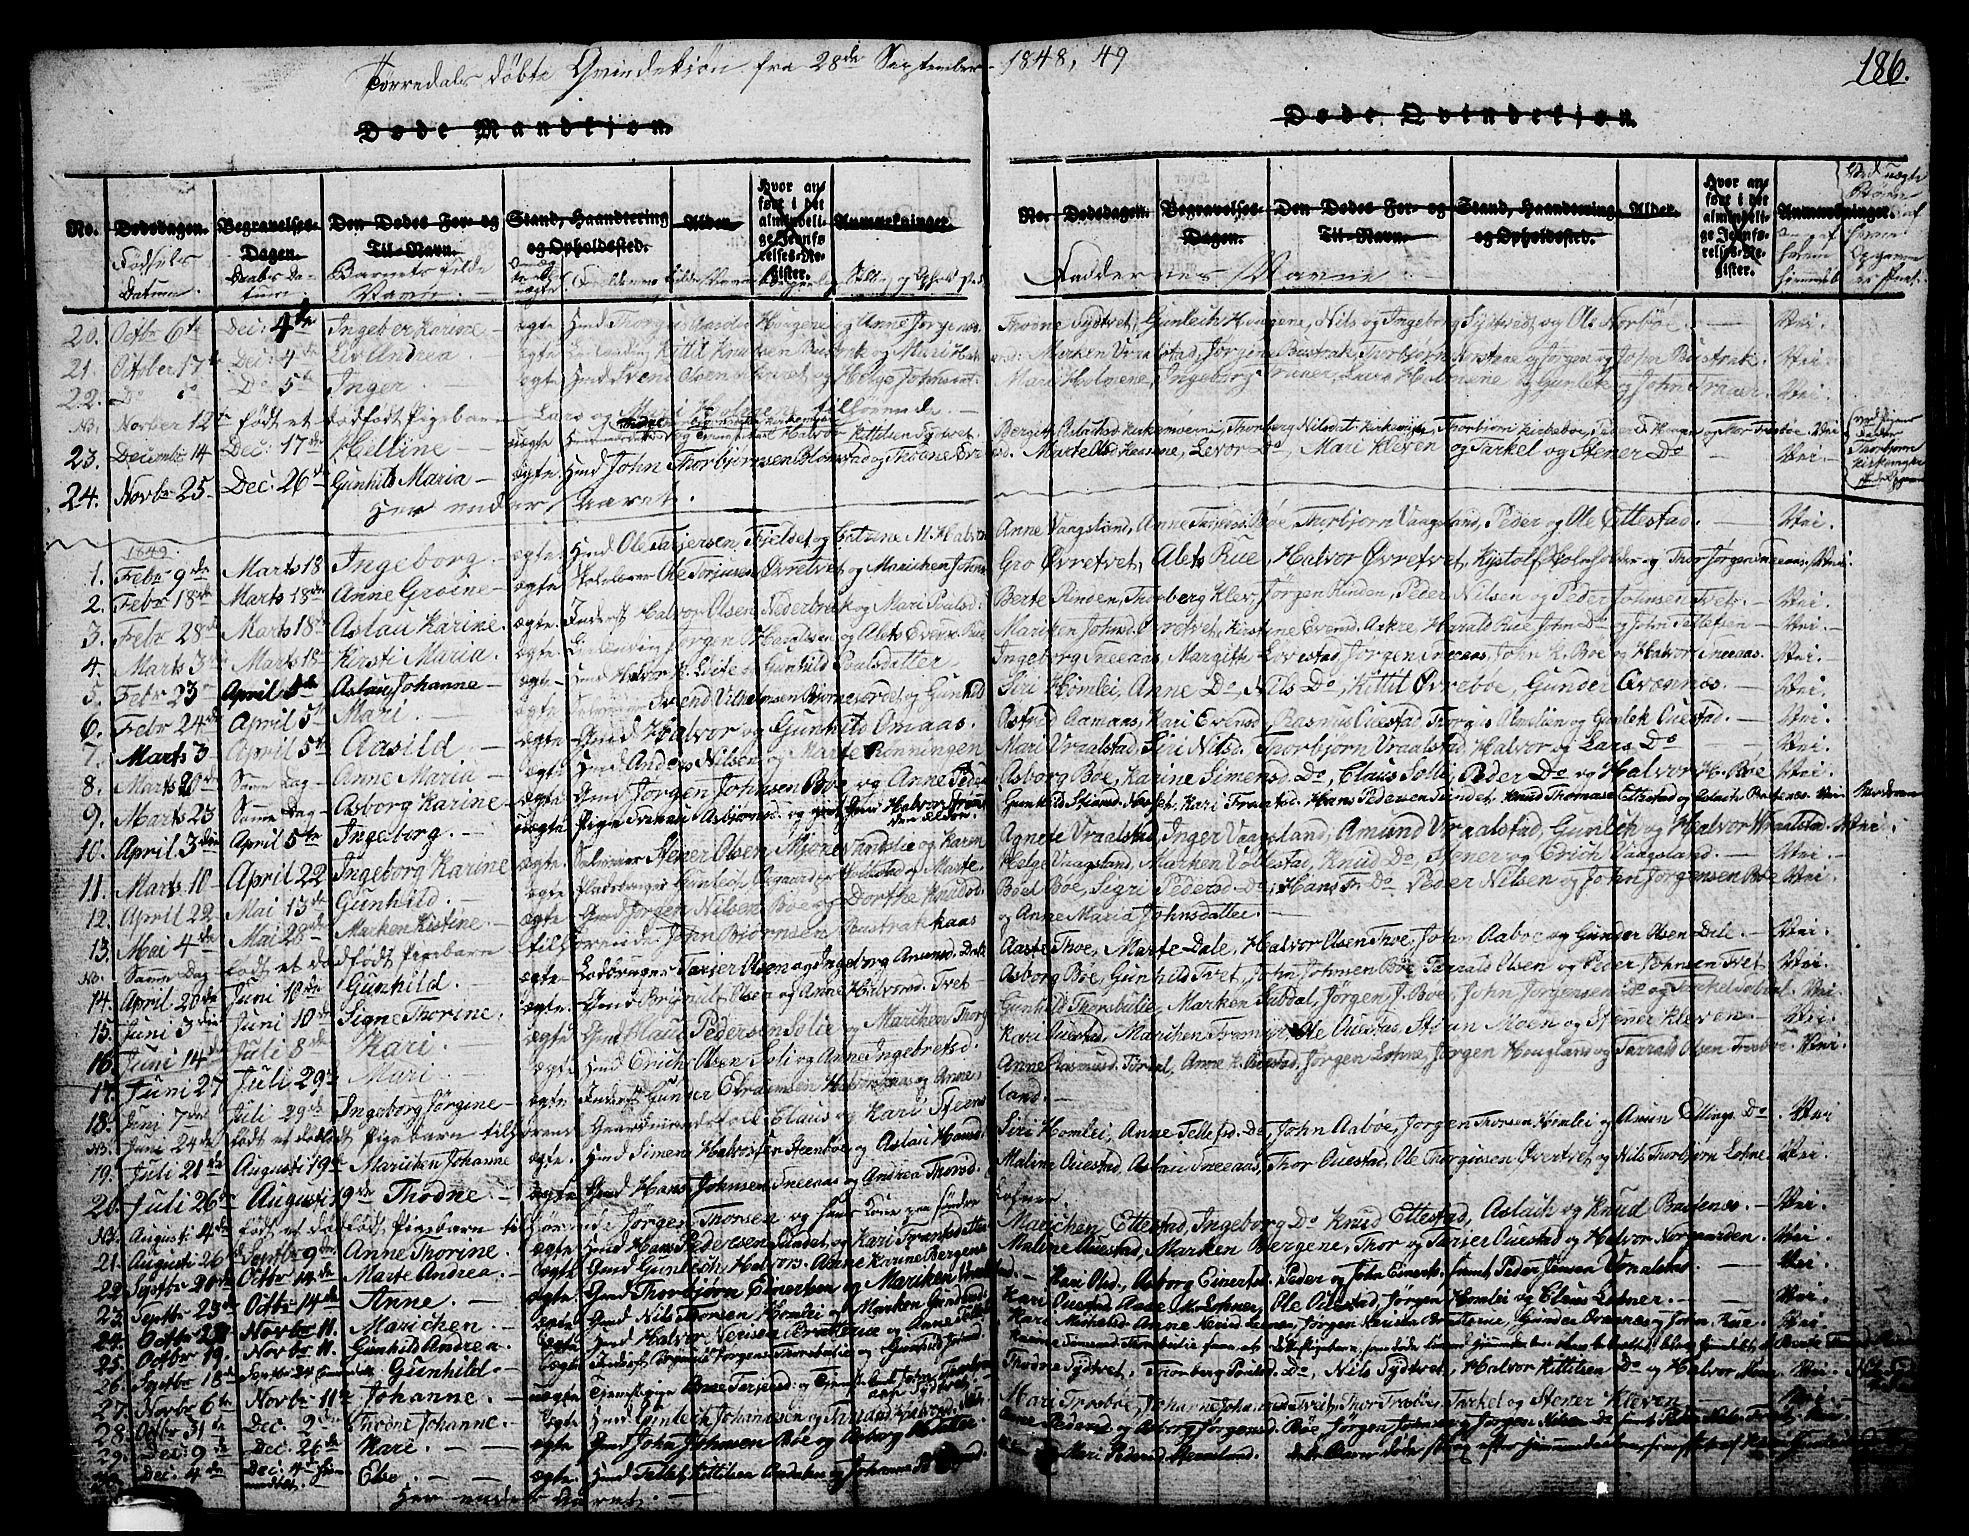 SAKO, Drangedal kirkebøker, G/Ga/L0001: Klokkerbok nr. I 1 /2, 1814-1856, s. 186